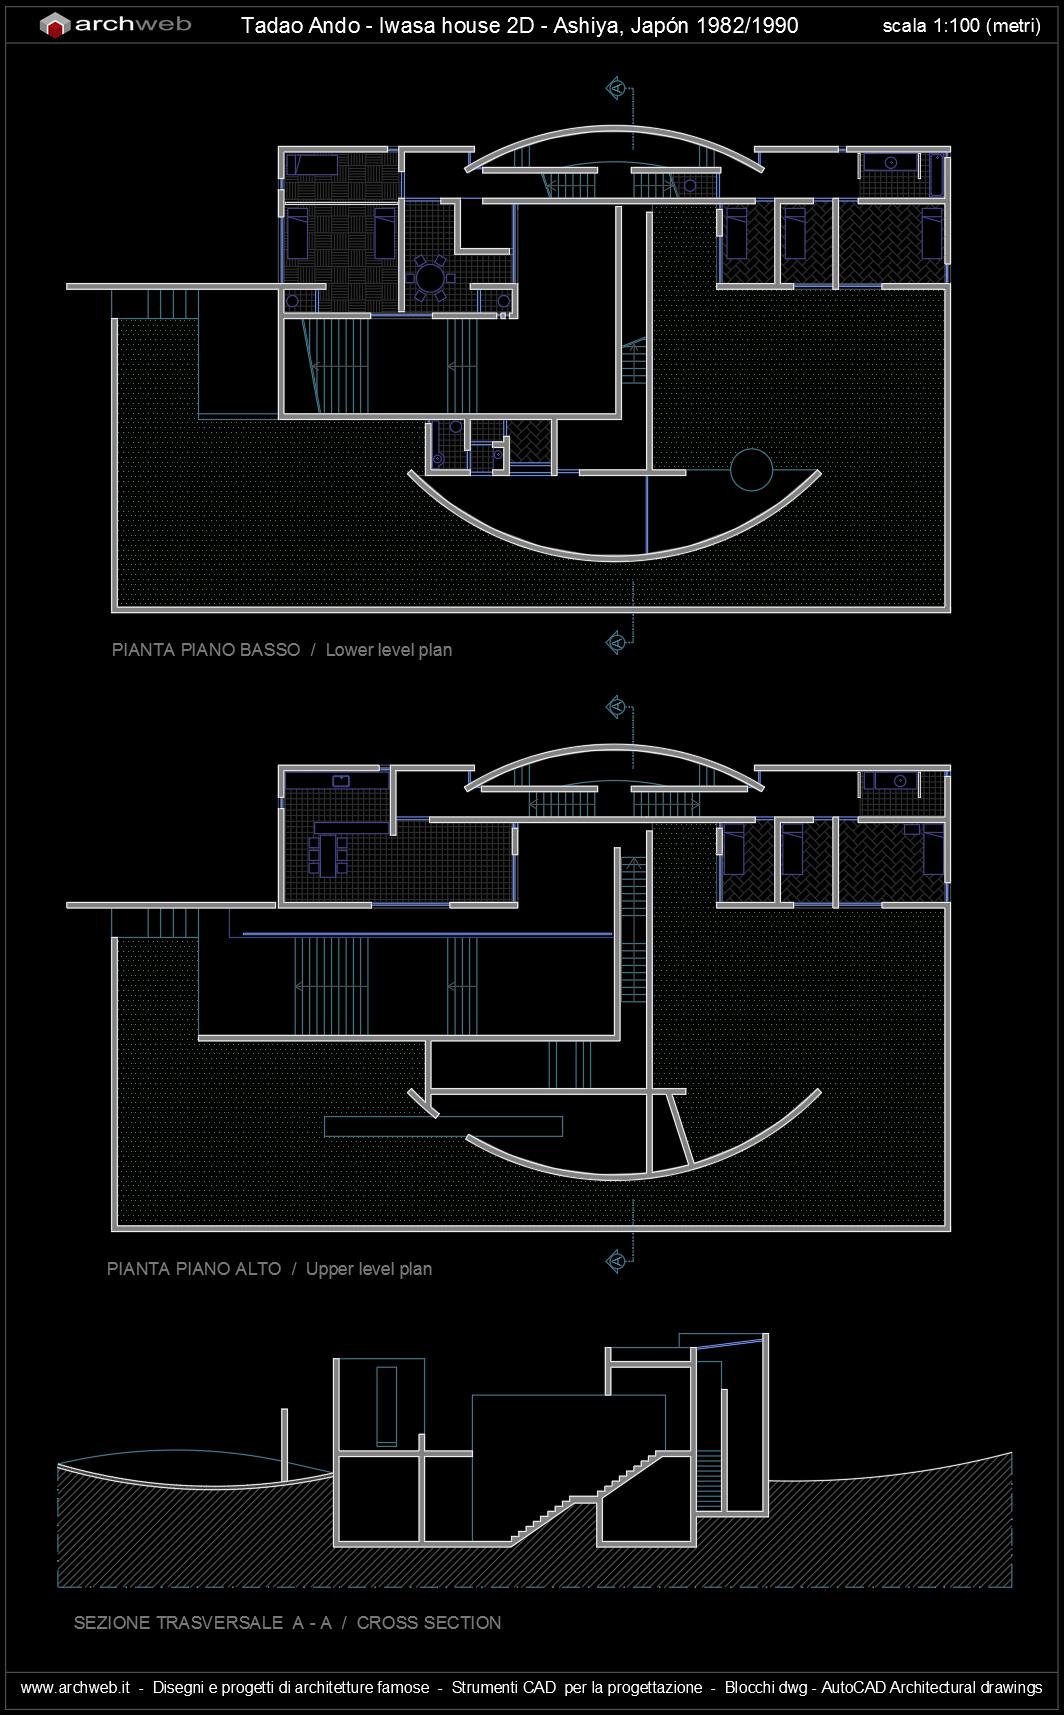 Tadao ando iwasa house autocad for Autocad arredi